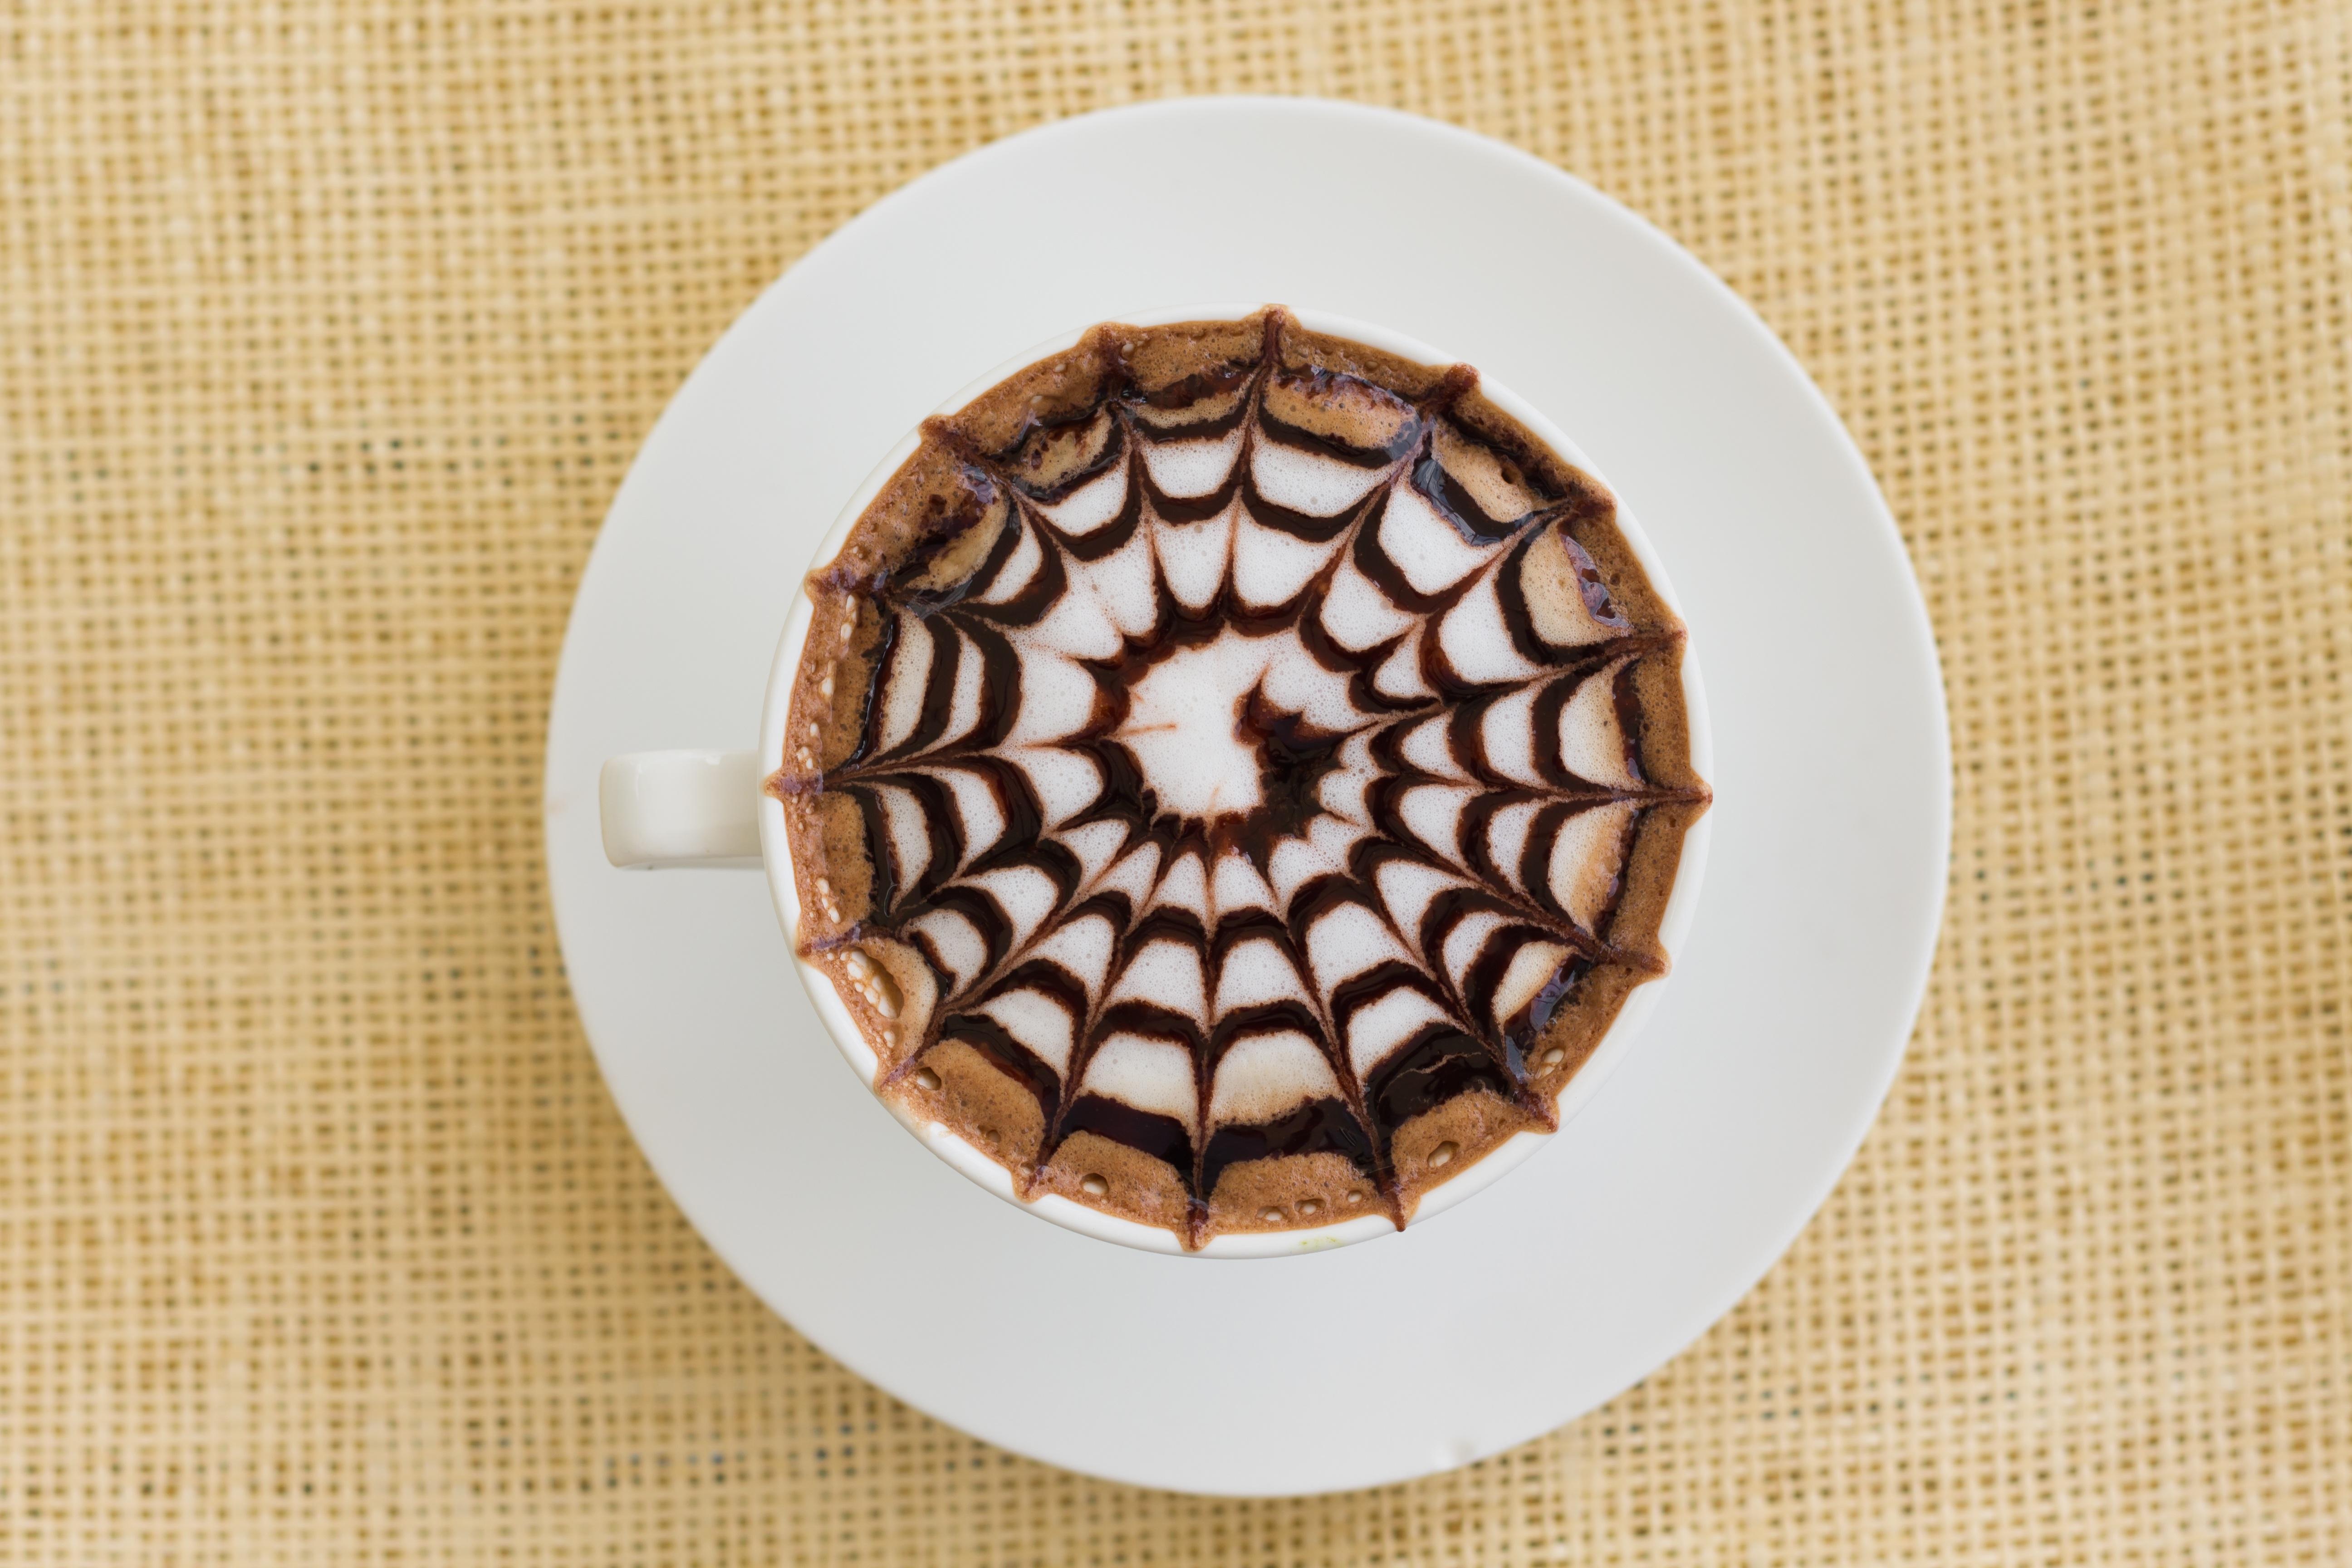 Gambar kopi manis cangkir pola hidangan makan makanan gambar kopi manis cangkir pola hidangan makan makanan bersantai menghasilkan minuman sarapan susu pencuci mulut lezat gelembung pagi pagi thecheapjerseys Gallery